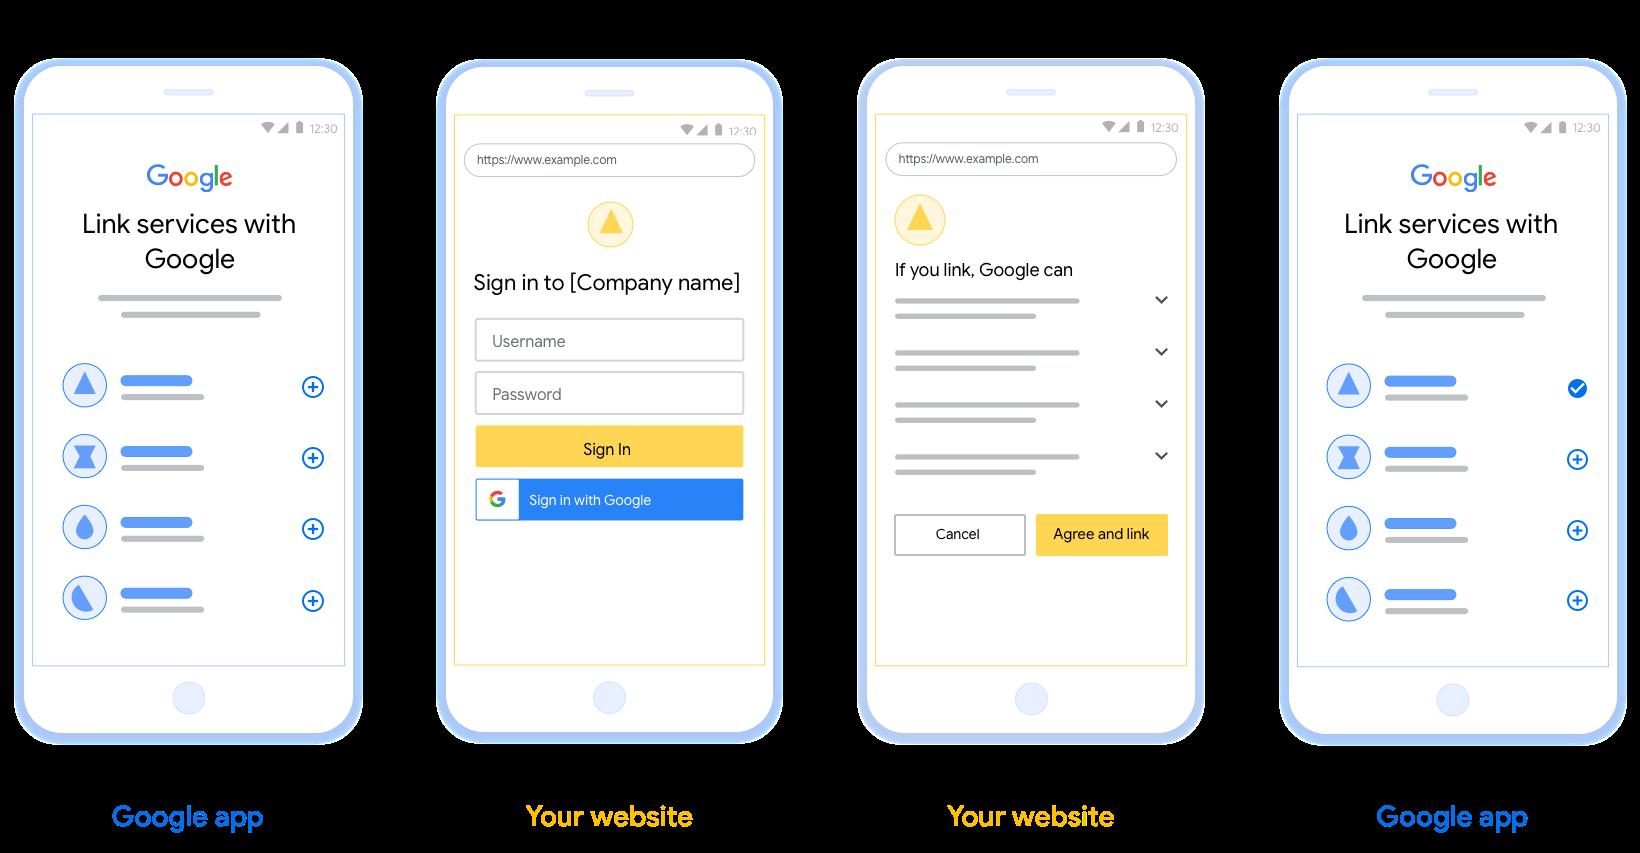 此图显示了用户将其Google帐户链接到您的身份验证系统的步骤。第一个屏幕截图显示了用户从您的平台启动的链接。第二张图片显示用户登录Google,第三张图片显示用户同意并确认将其Google帐户与您的应用程序关联。最终的屏幕截图显示了Google应用程序中已成功链接的用户帐户。